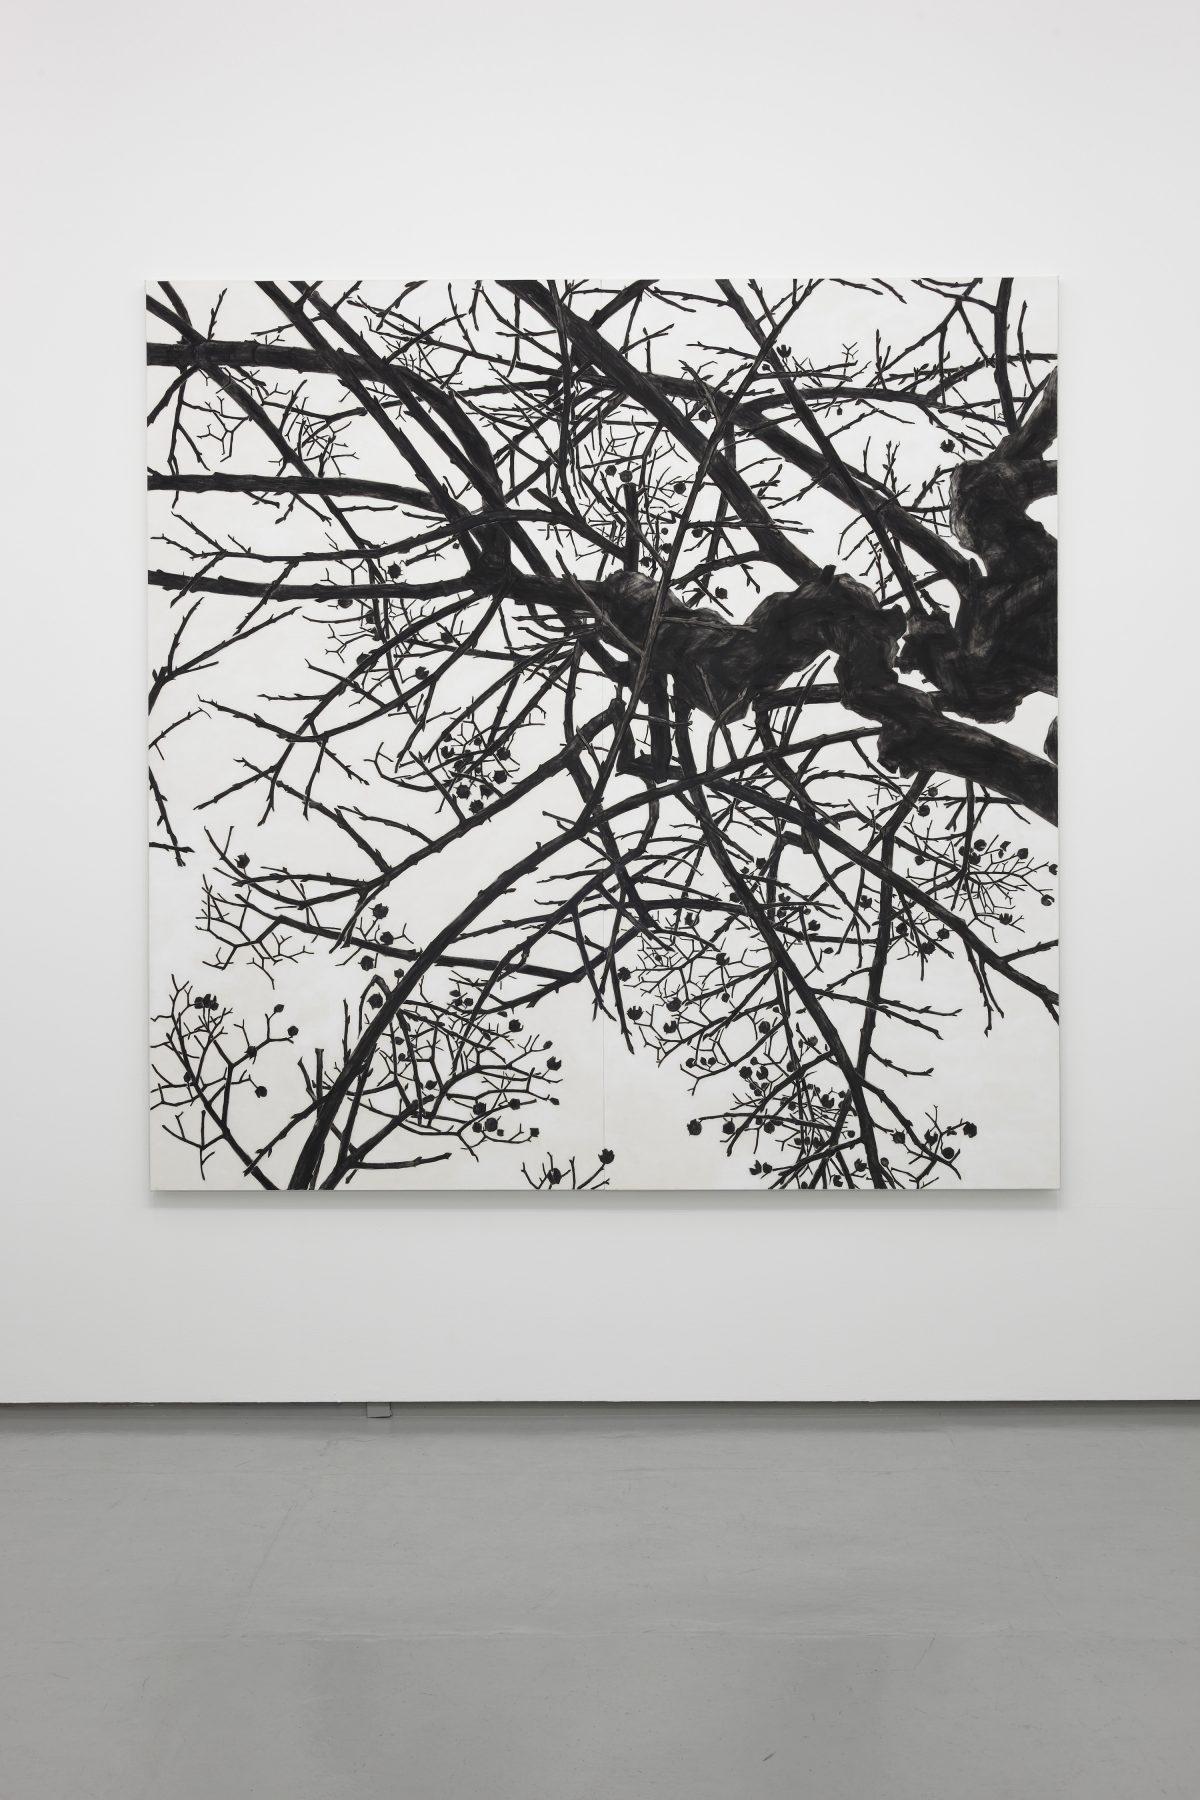 「空との距離Ⅹ」2013年 / 240×240cm / 麻紙、岩絵具 / 撮影:渡邉郁弘